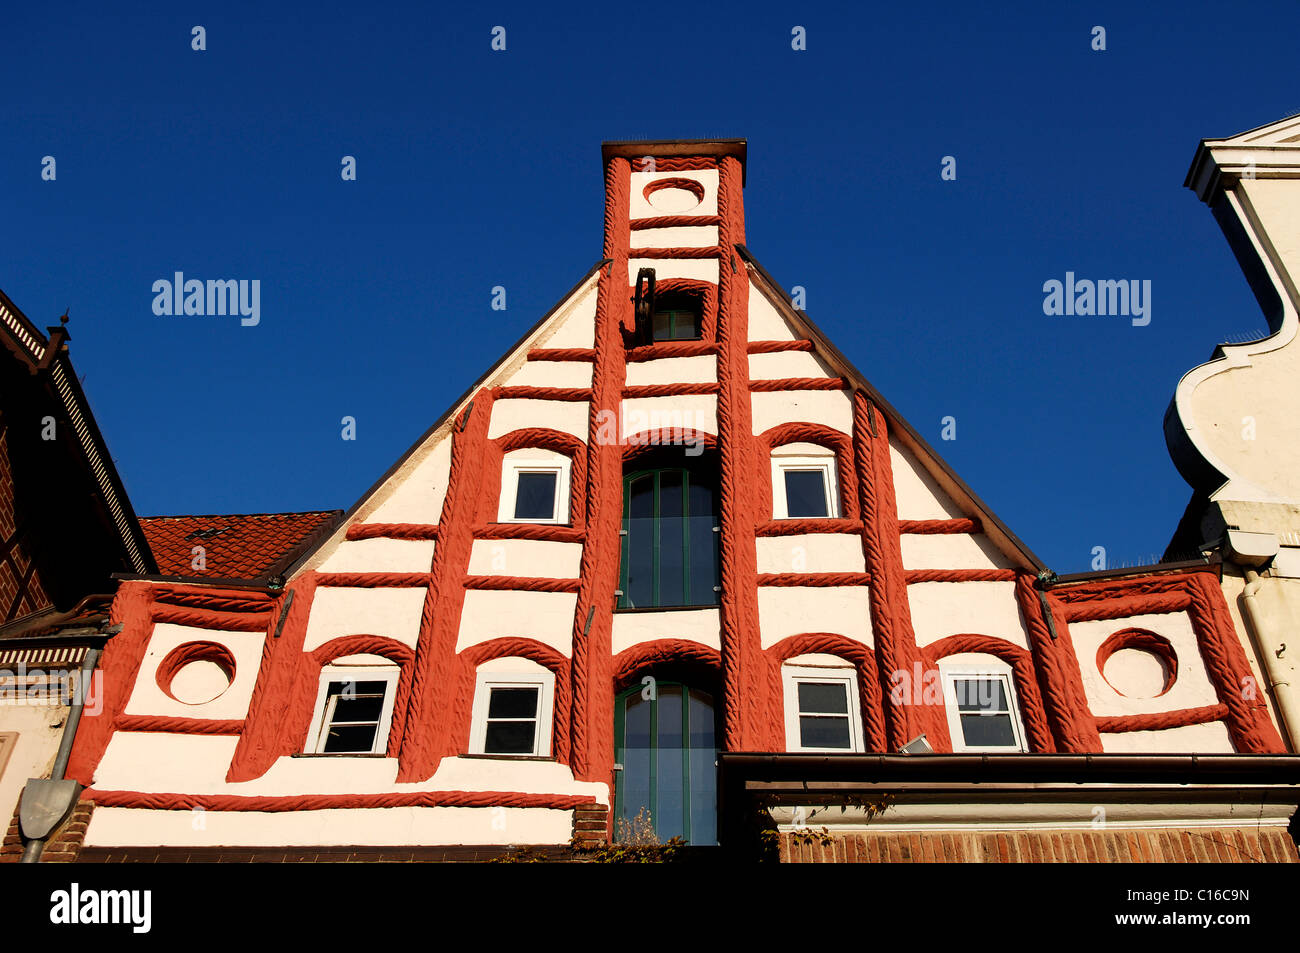 Gothic house gable, Lueneburg, Lower Saxony, Germany, Europe - Stock Image